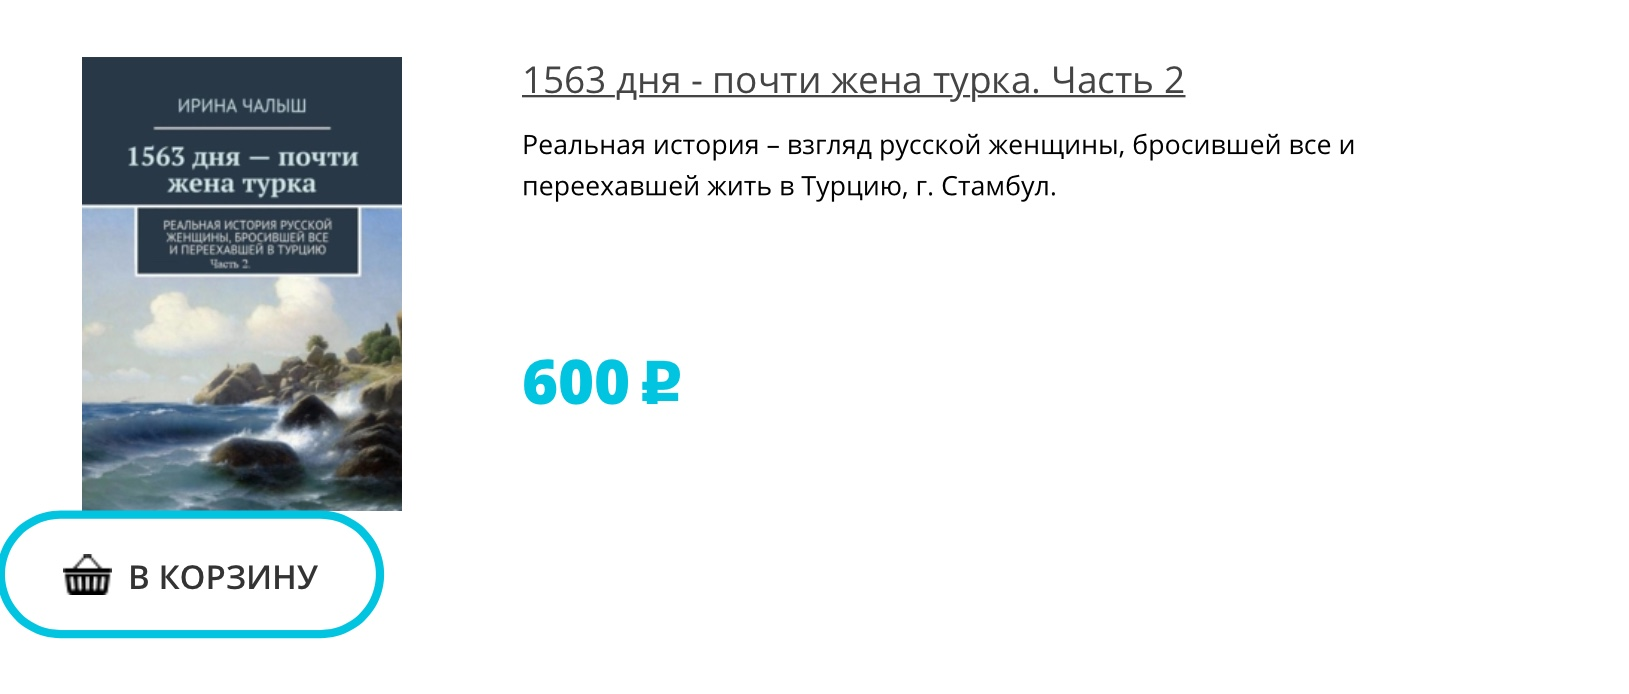 67B7019C-DA8A-4F5A-8A70-B1D82211CCB3.jpeg